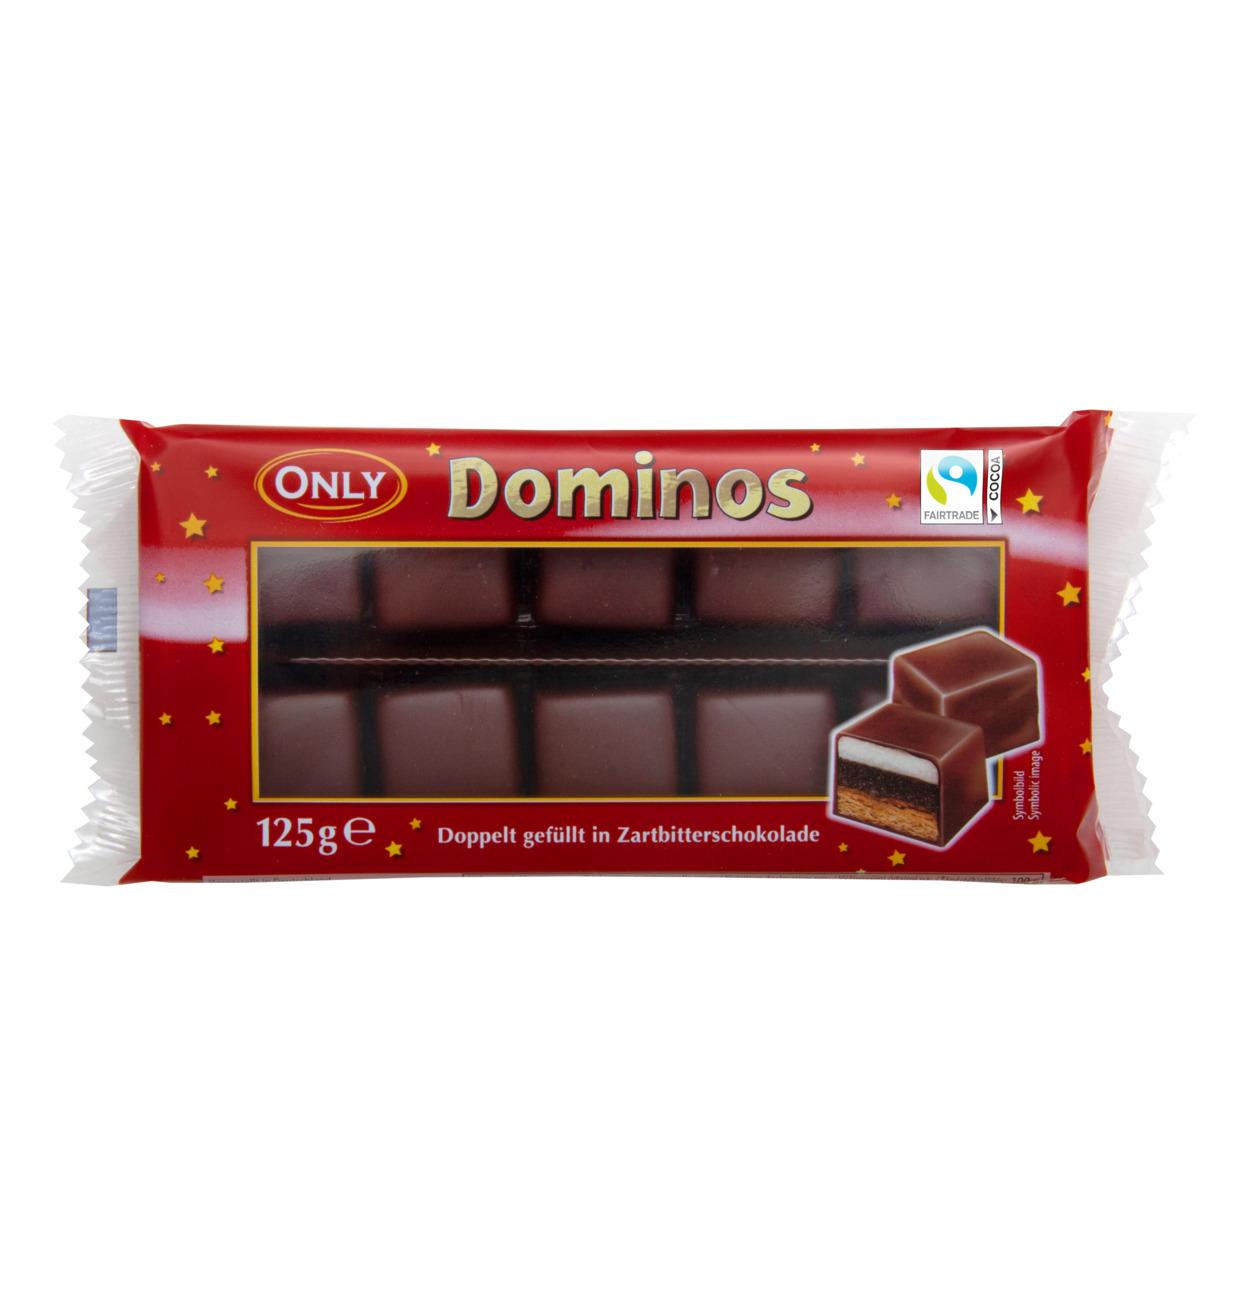 Dominosteine mit Zartbitterschokolade